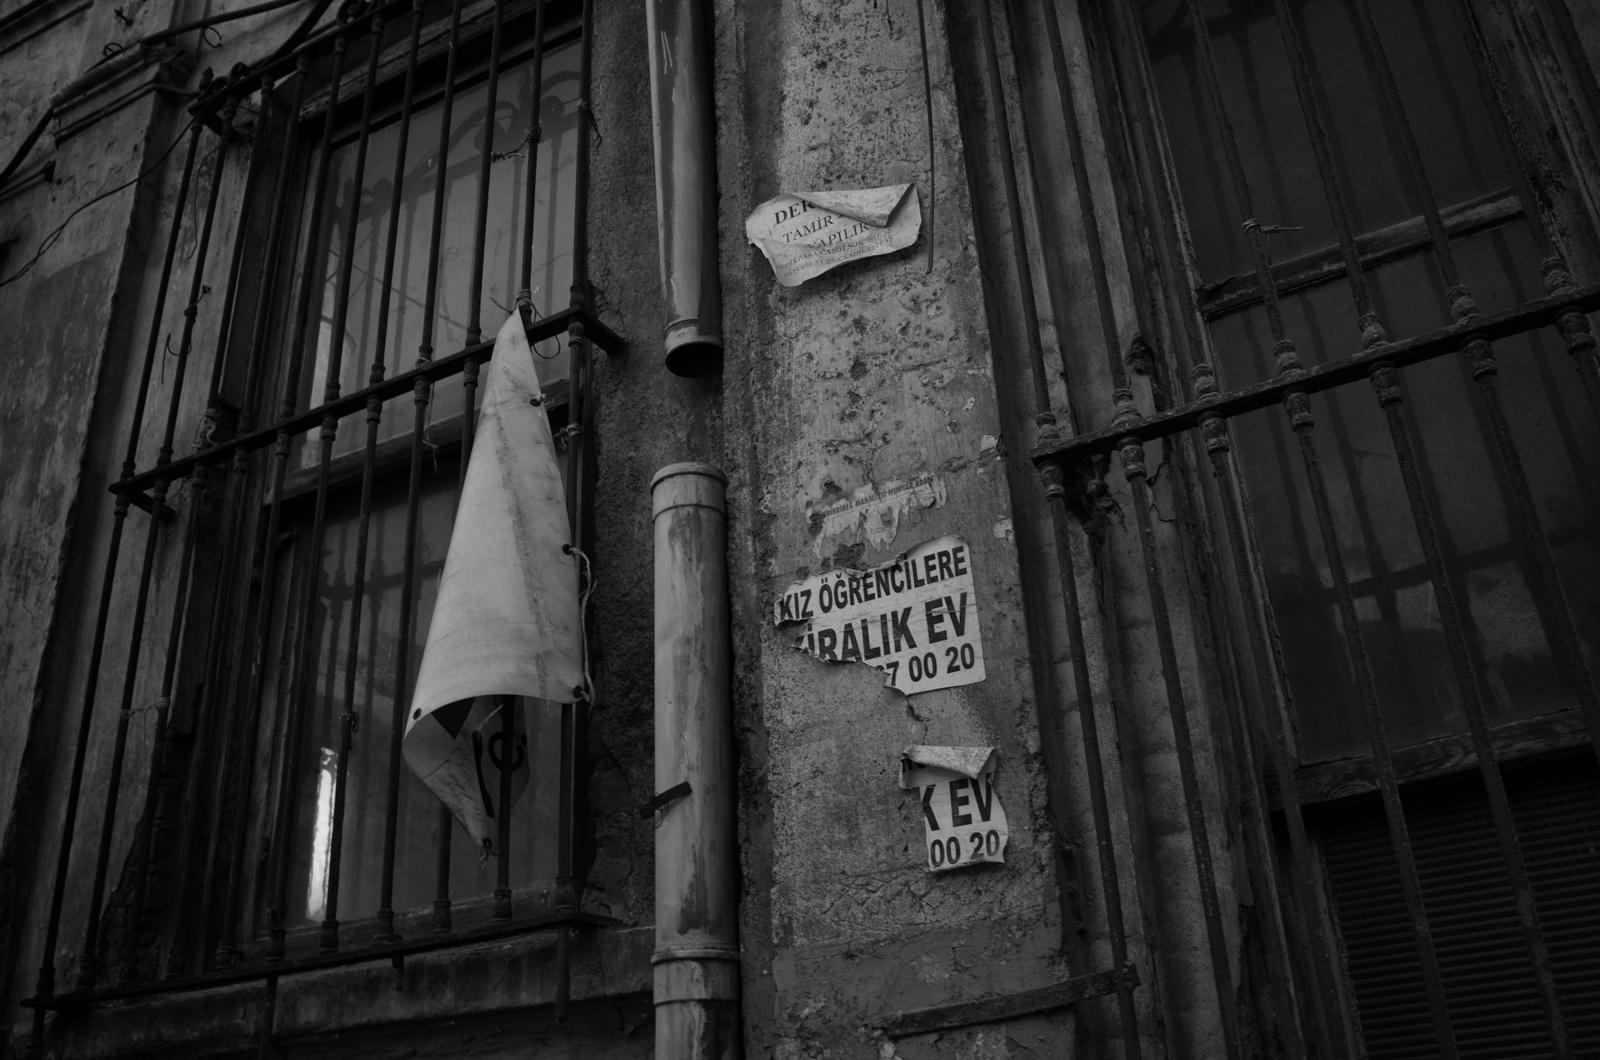 Wer leerstehende Häuser oder Industrieruinen sucht wird in Istanbul ebenfalls fündig